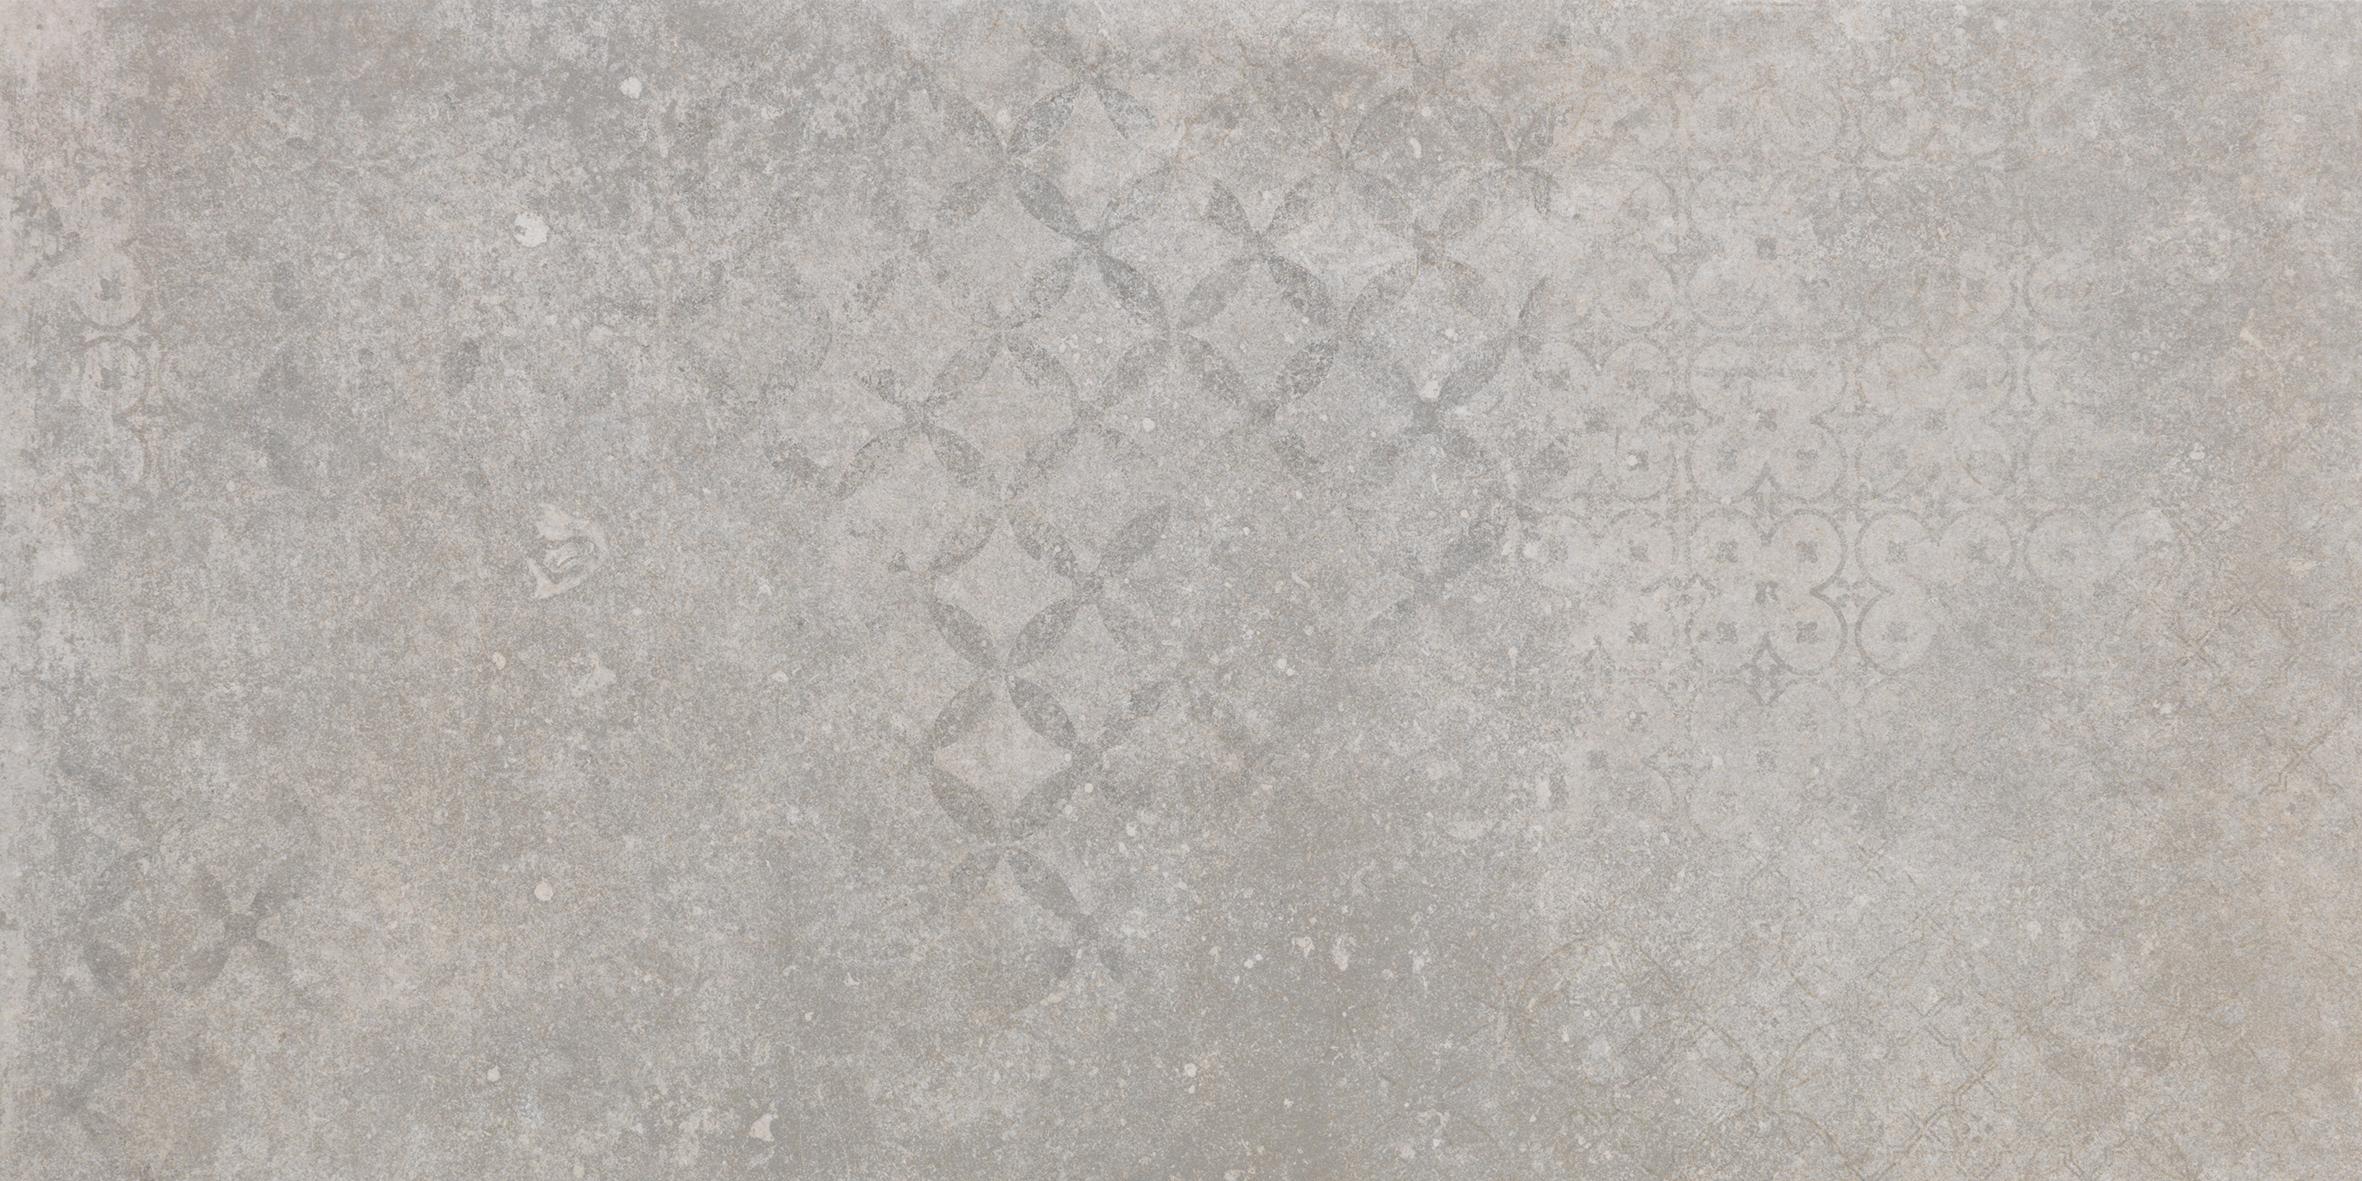 PF00016373_Phorma 40x80 Grigio Elegant Ret_3